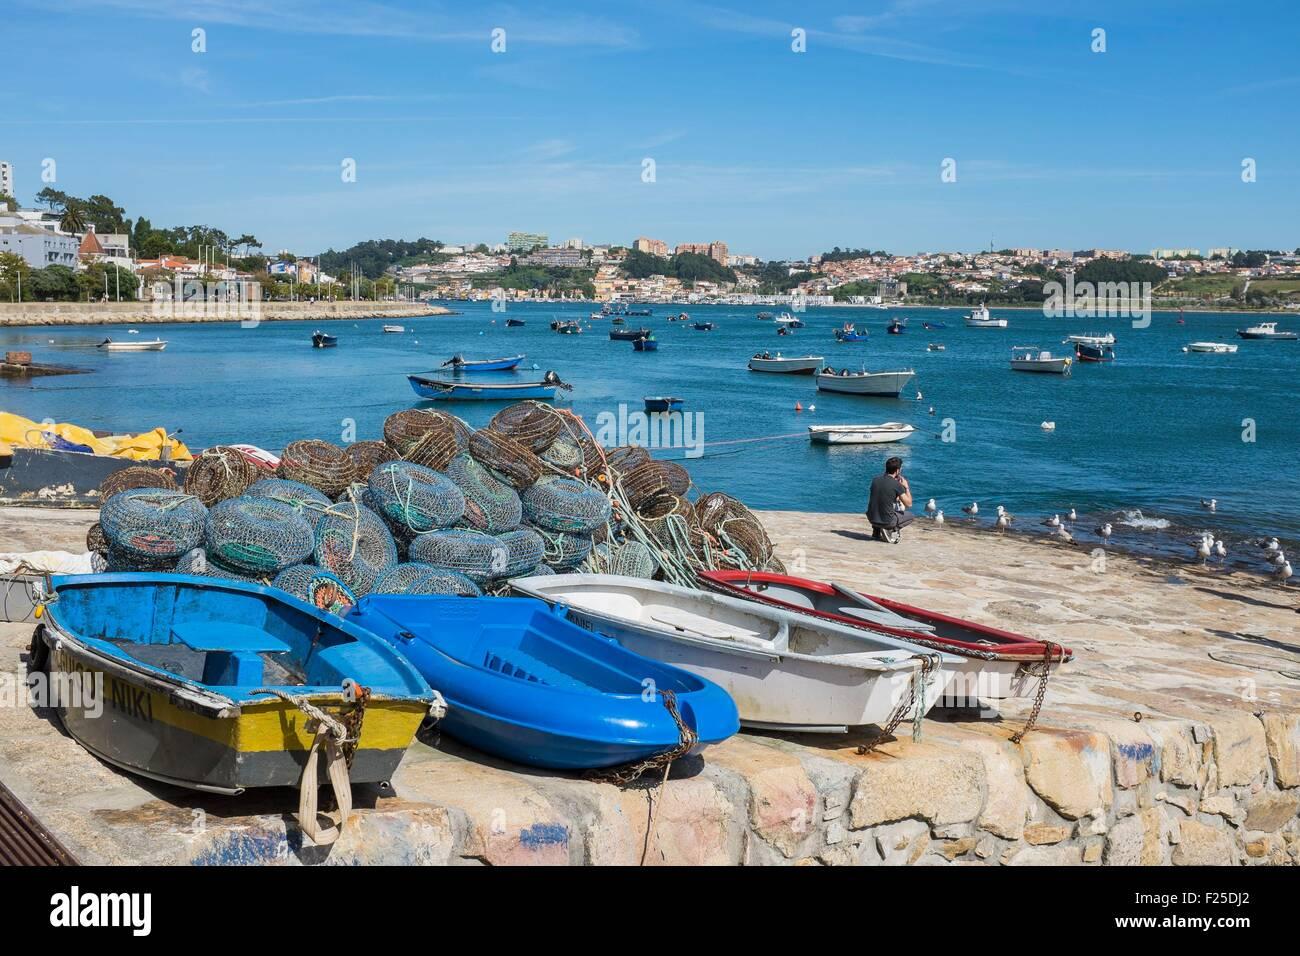 Portugal, North region, Porto, Douro river estuary, Afurada fishing village in the background - Stock Image